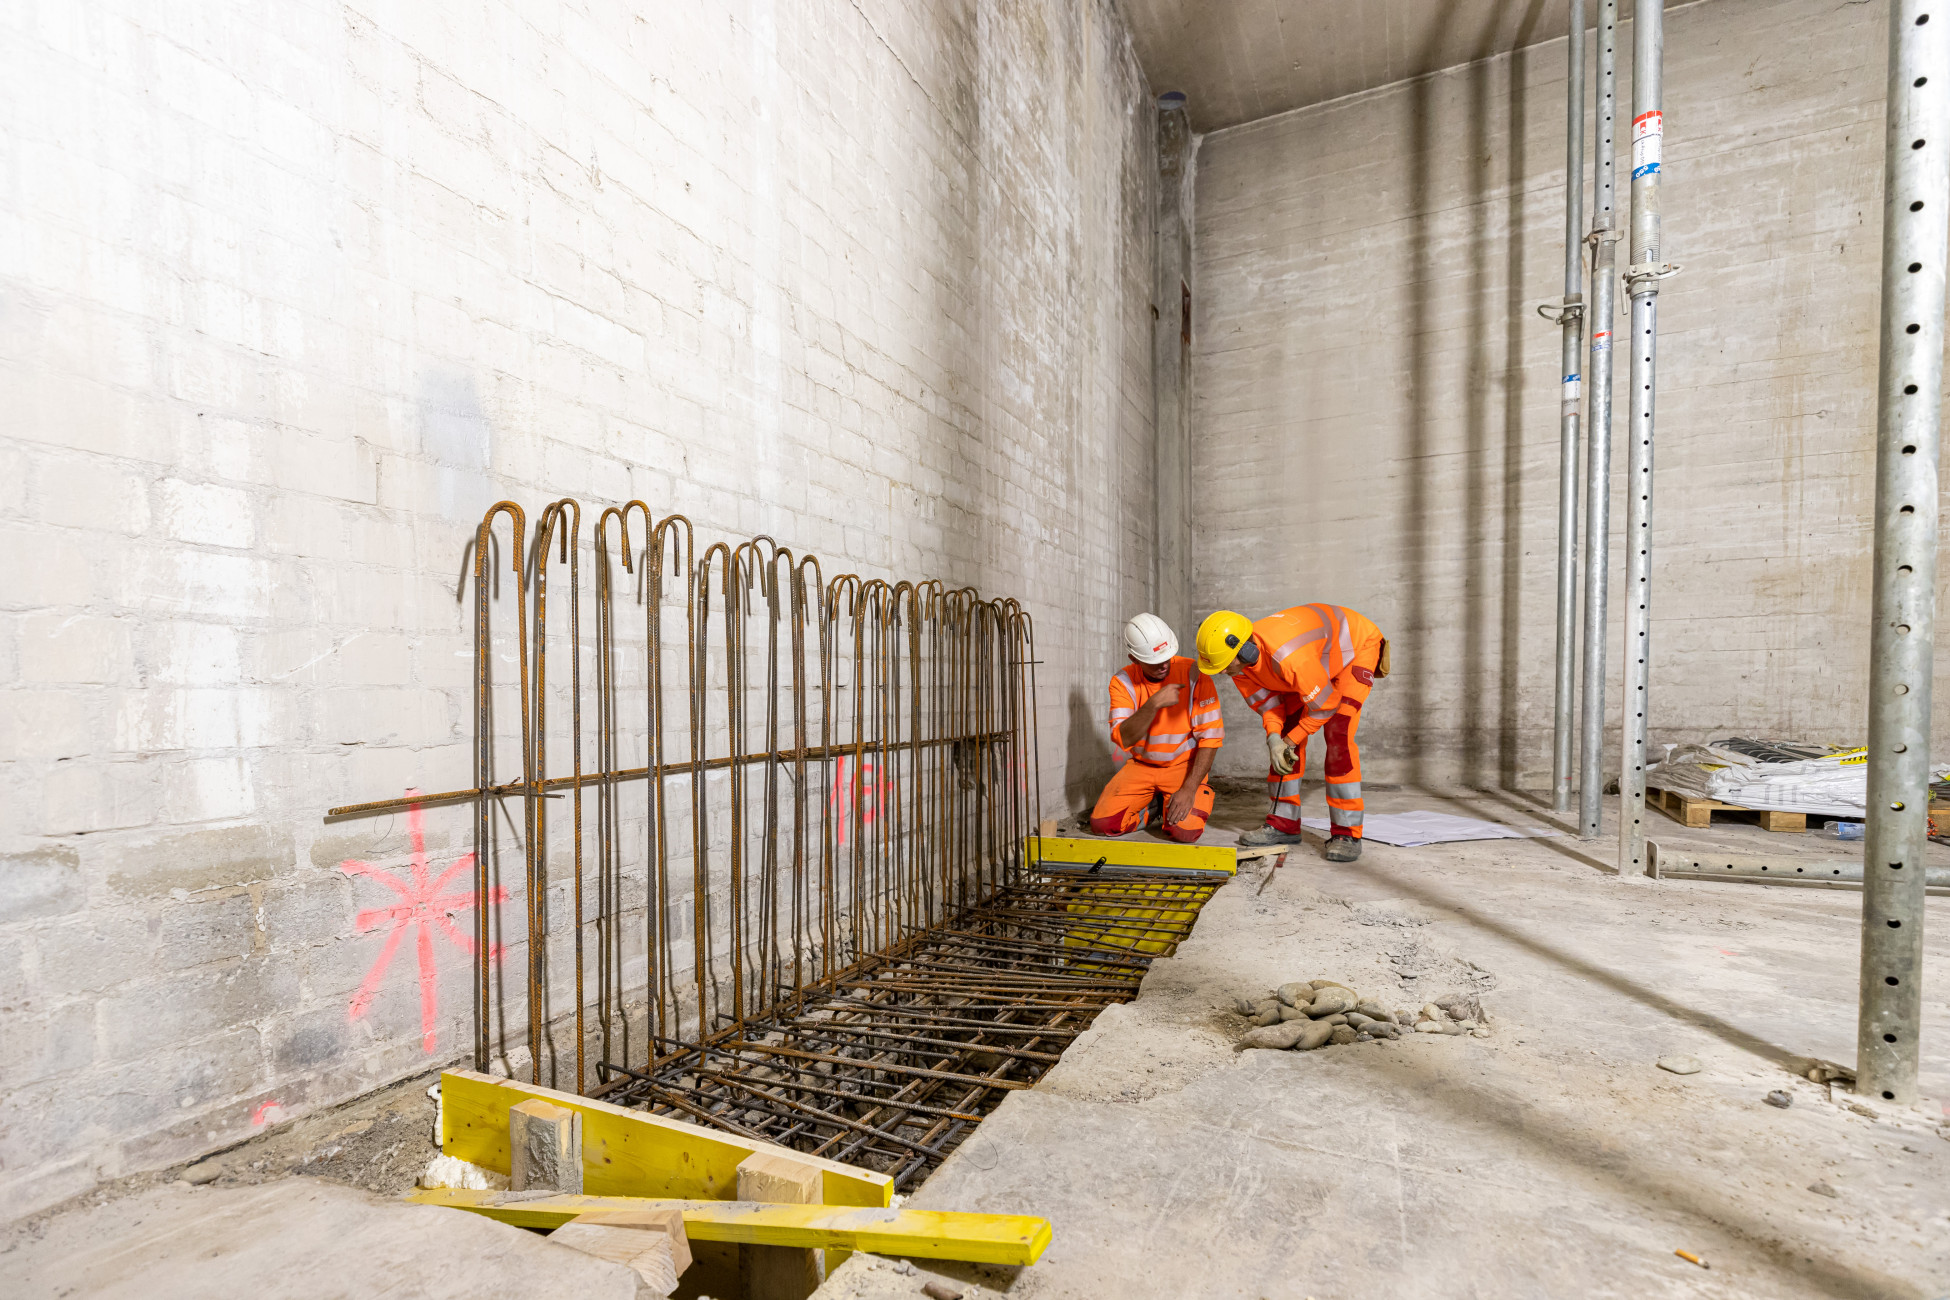 Umbau und Schadstoffsanierung Basel im Gundeli - Fundamentverstärkung für einhäuptige Betonwände